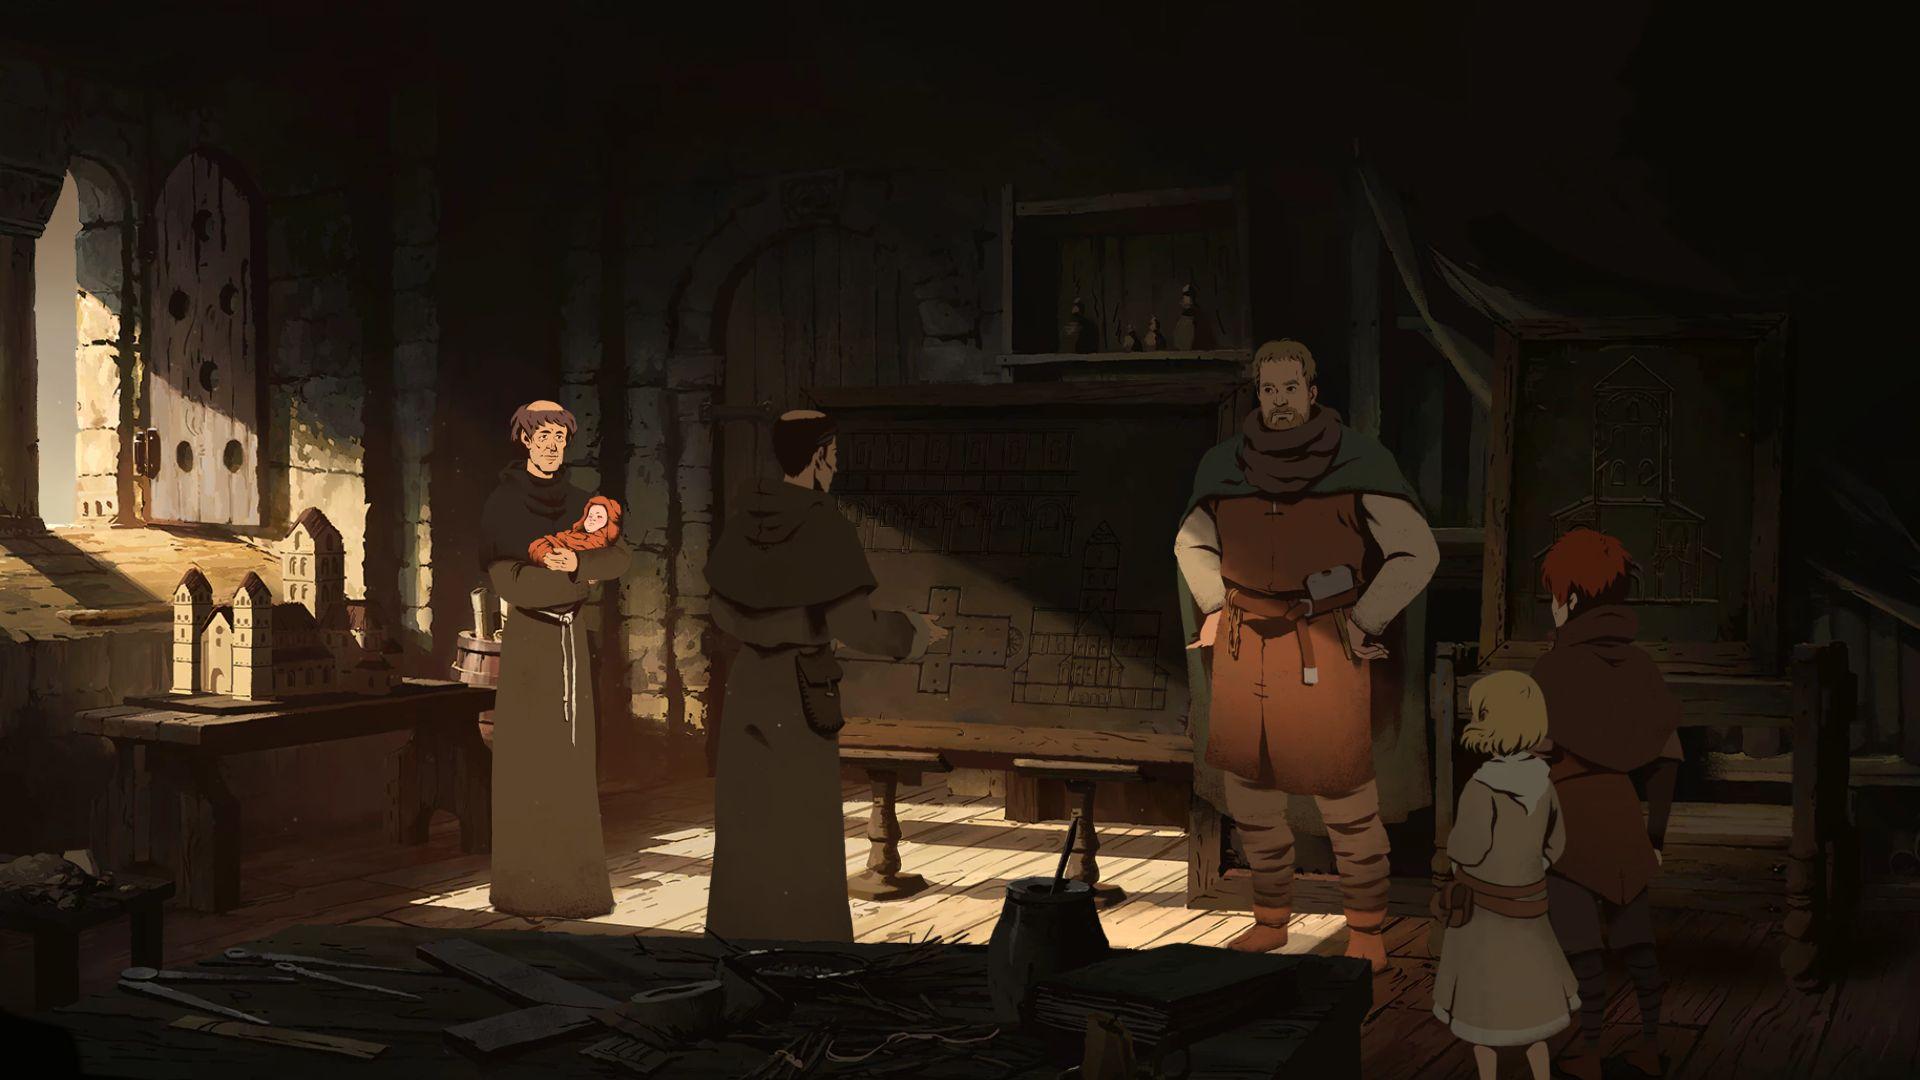 Screenshot from Ken Follett's The Pillars of the Earth (6/10)